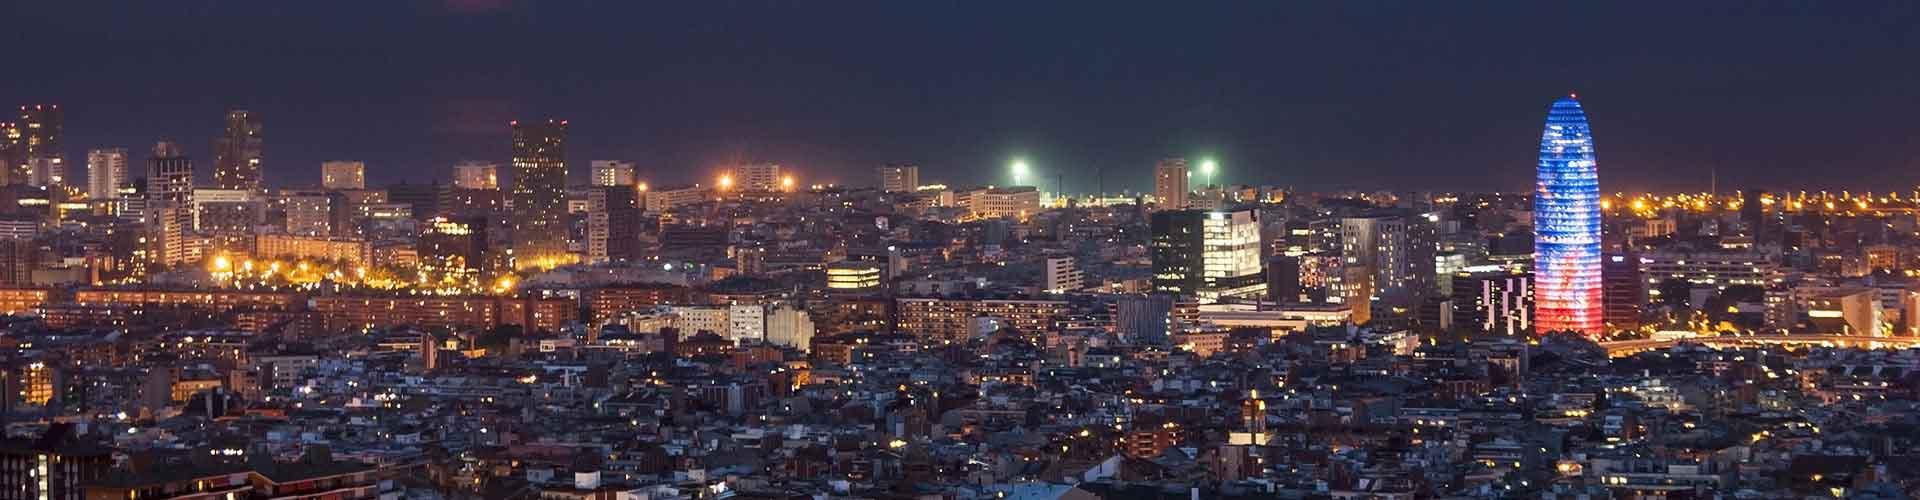 바르셀로나 - 아그바 타워에 가까운 캠핑장. 바르셀로나의 지도, 바르셀로나에 위치한 캠핑장에 대한 사진 및 리뷰.